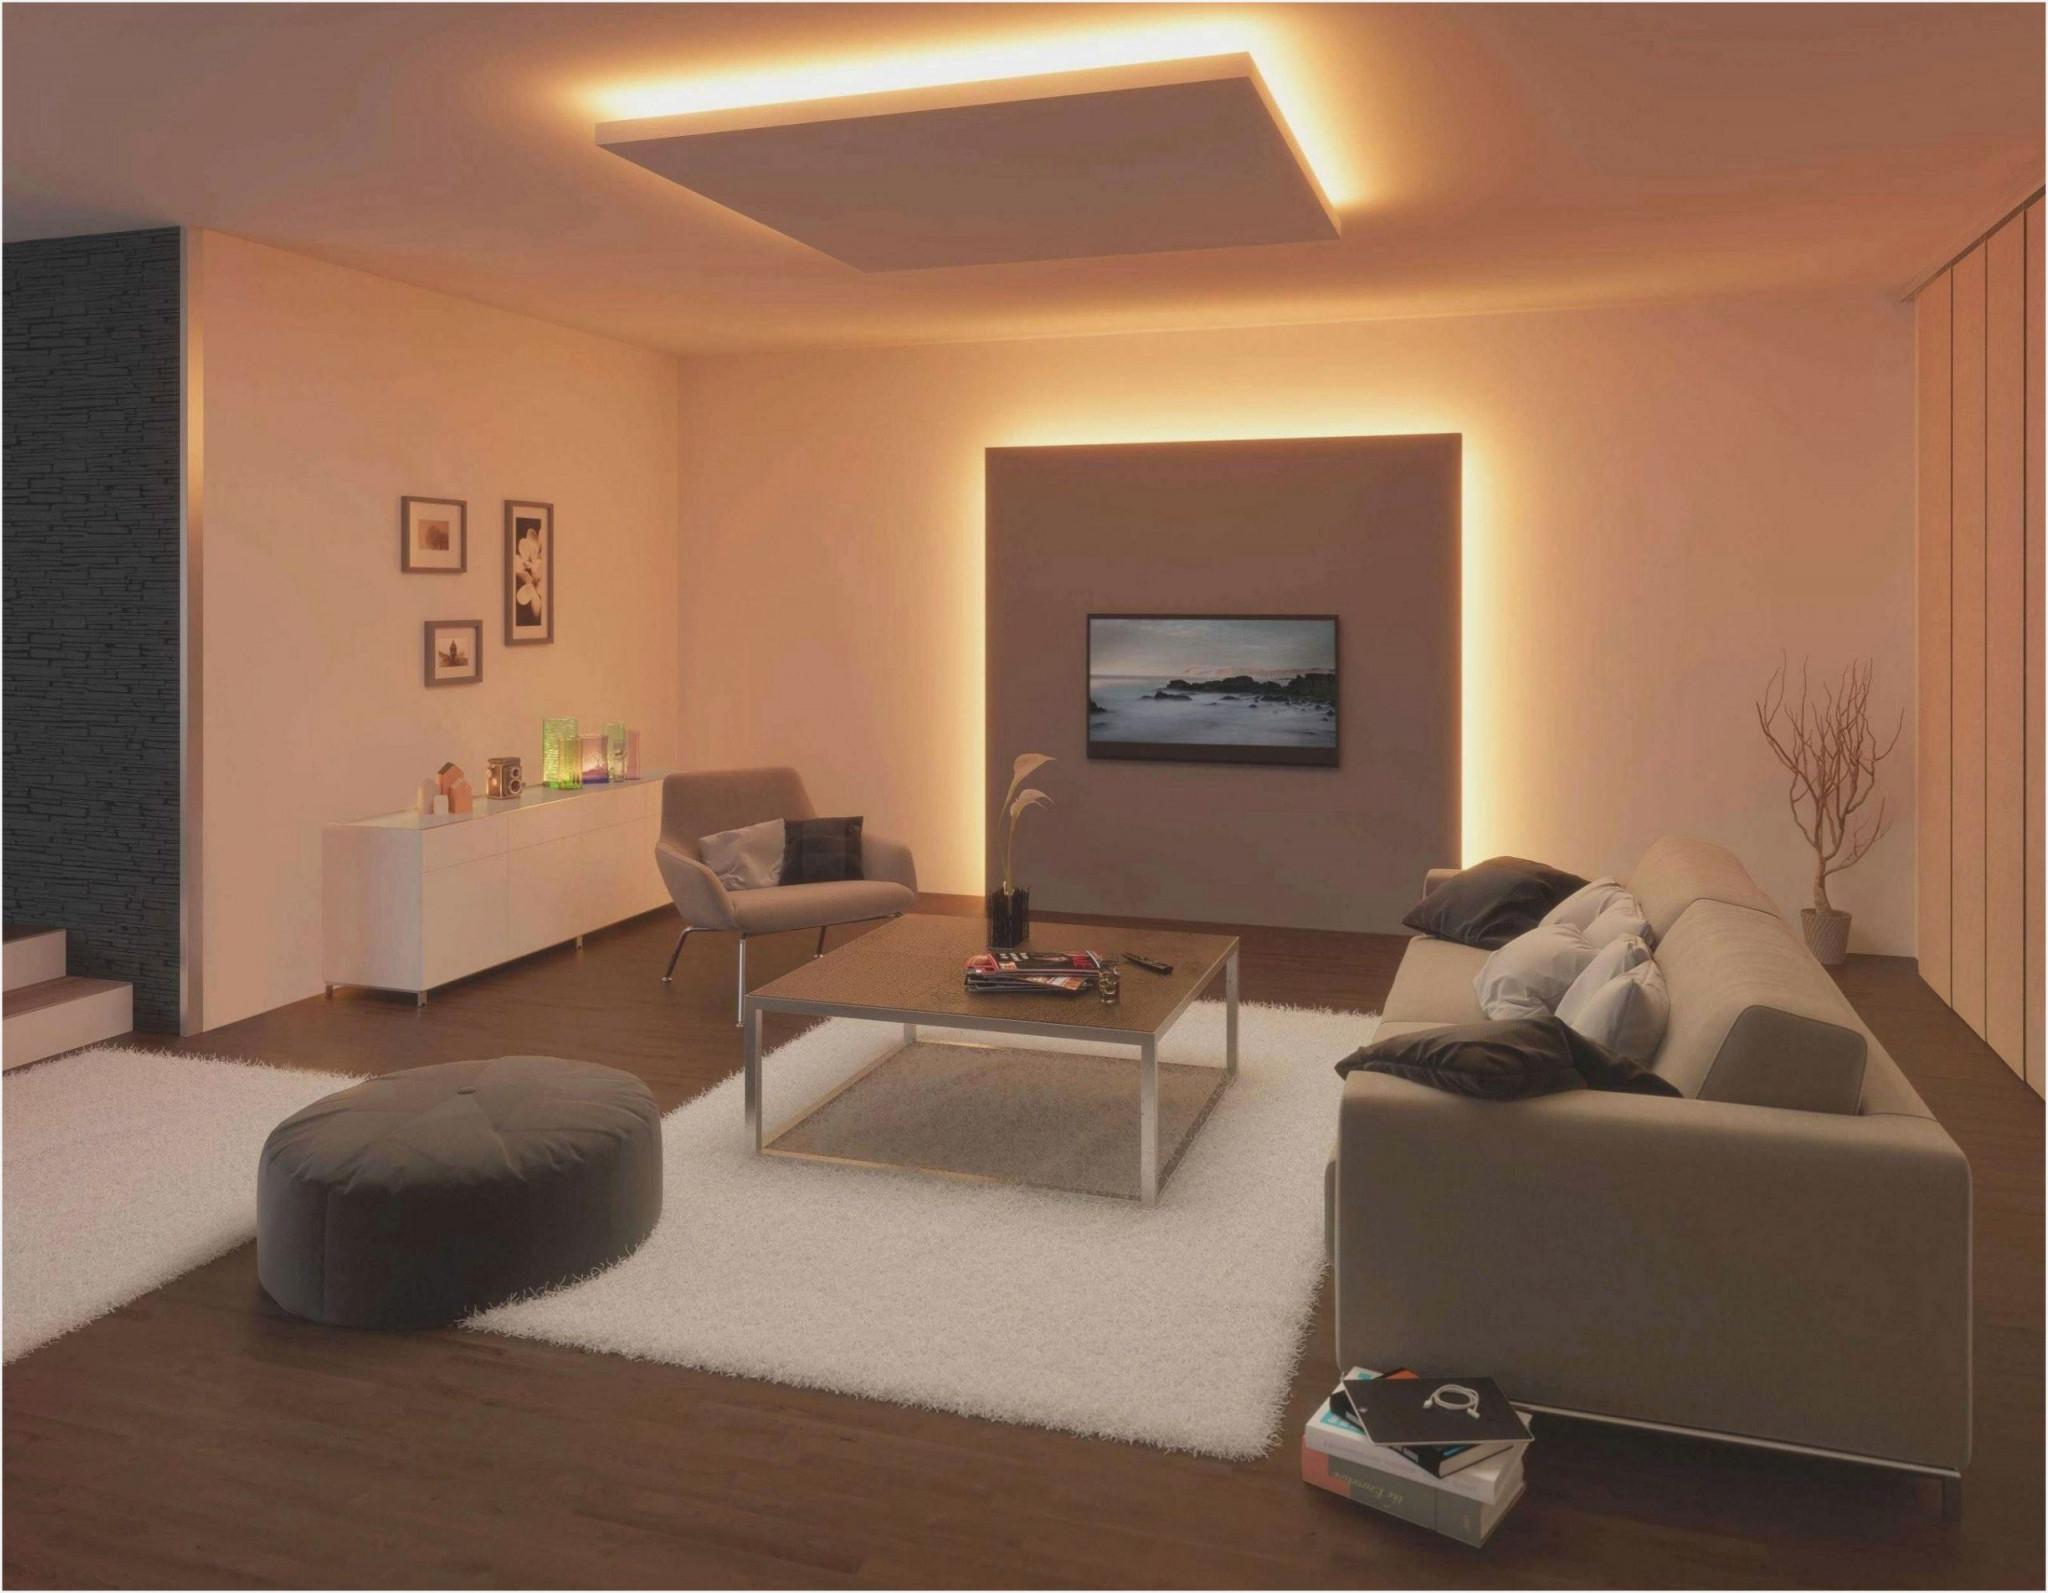 Modern Wohnzimmer Lampen Gross  Wohnzimmer  Traumhaus von Wohnzimmer Lampe Modern Groß Bild